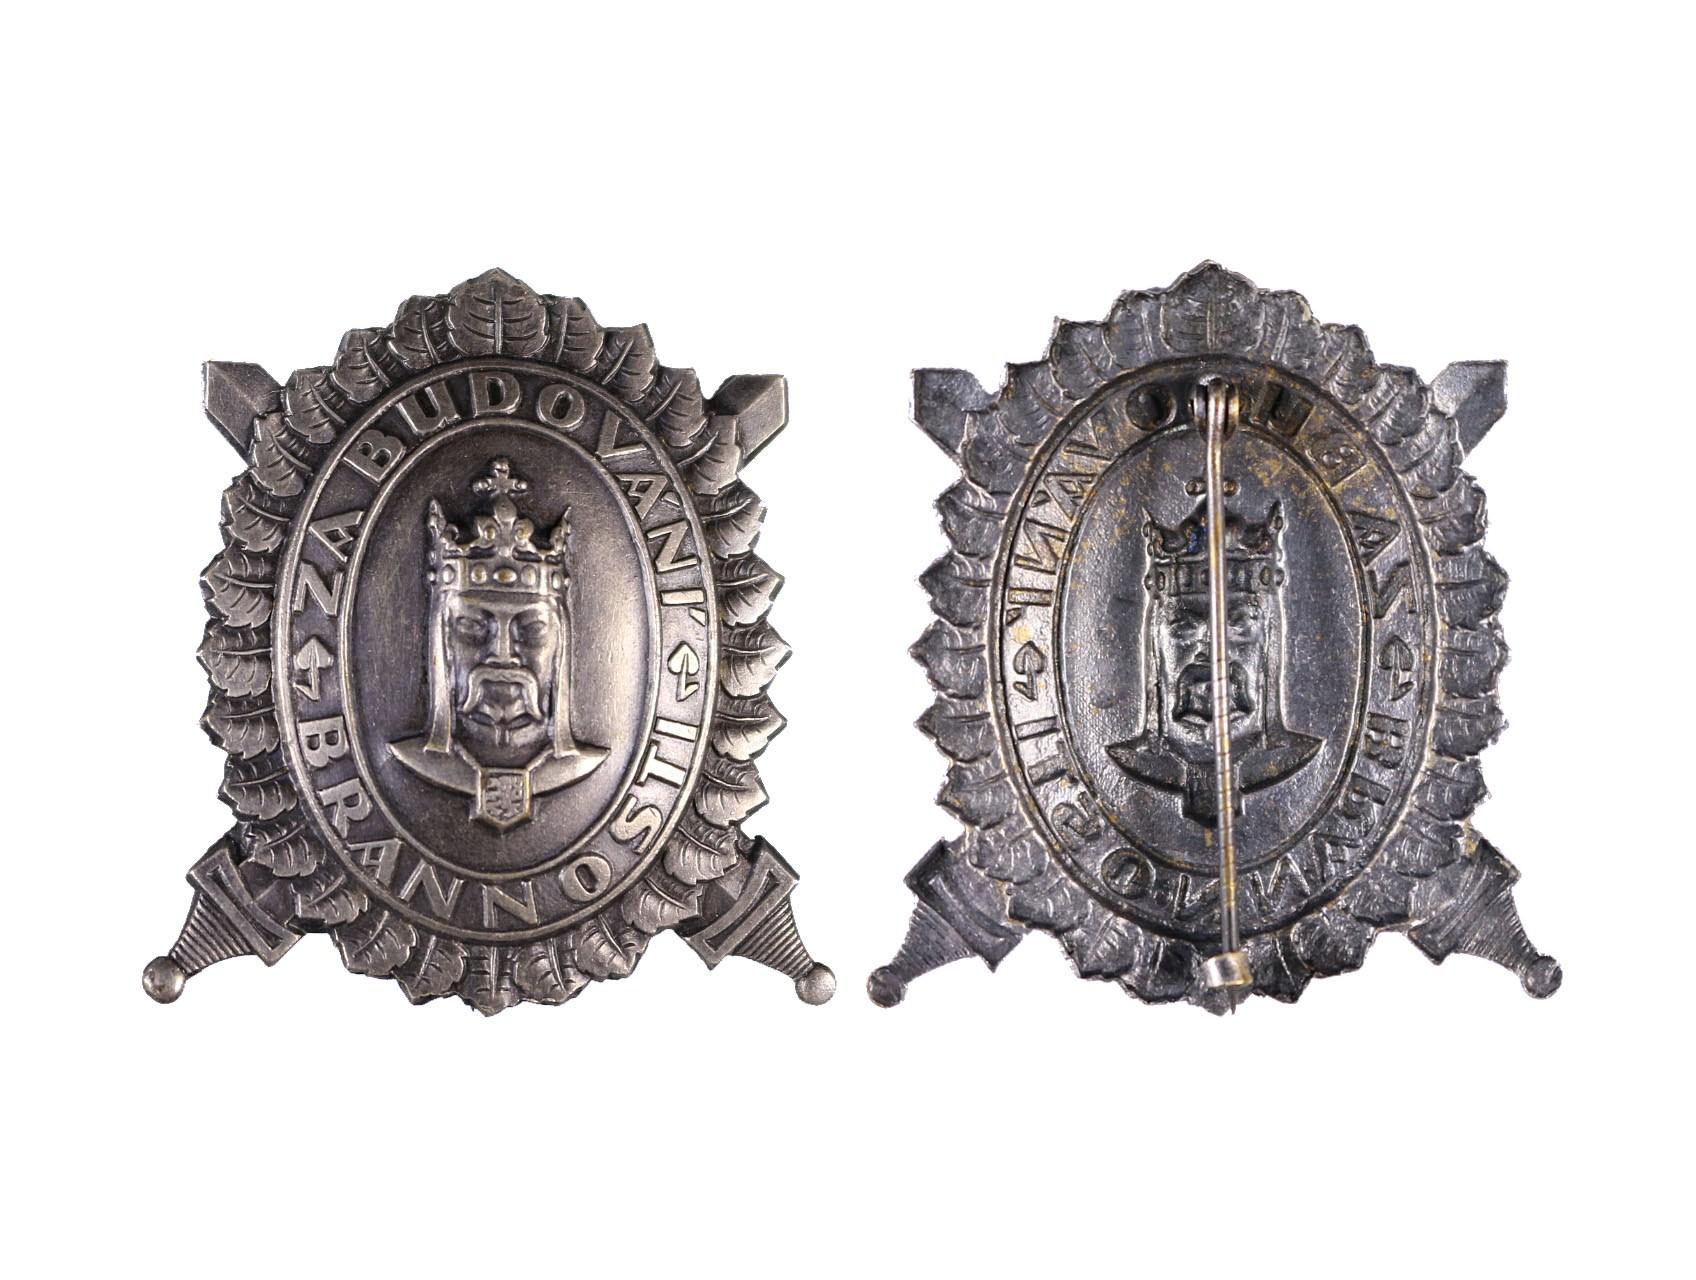 DOK, Čestný odznak, Za budování brannosti, 2. třída, stříbrný, N97